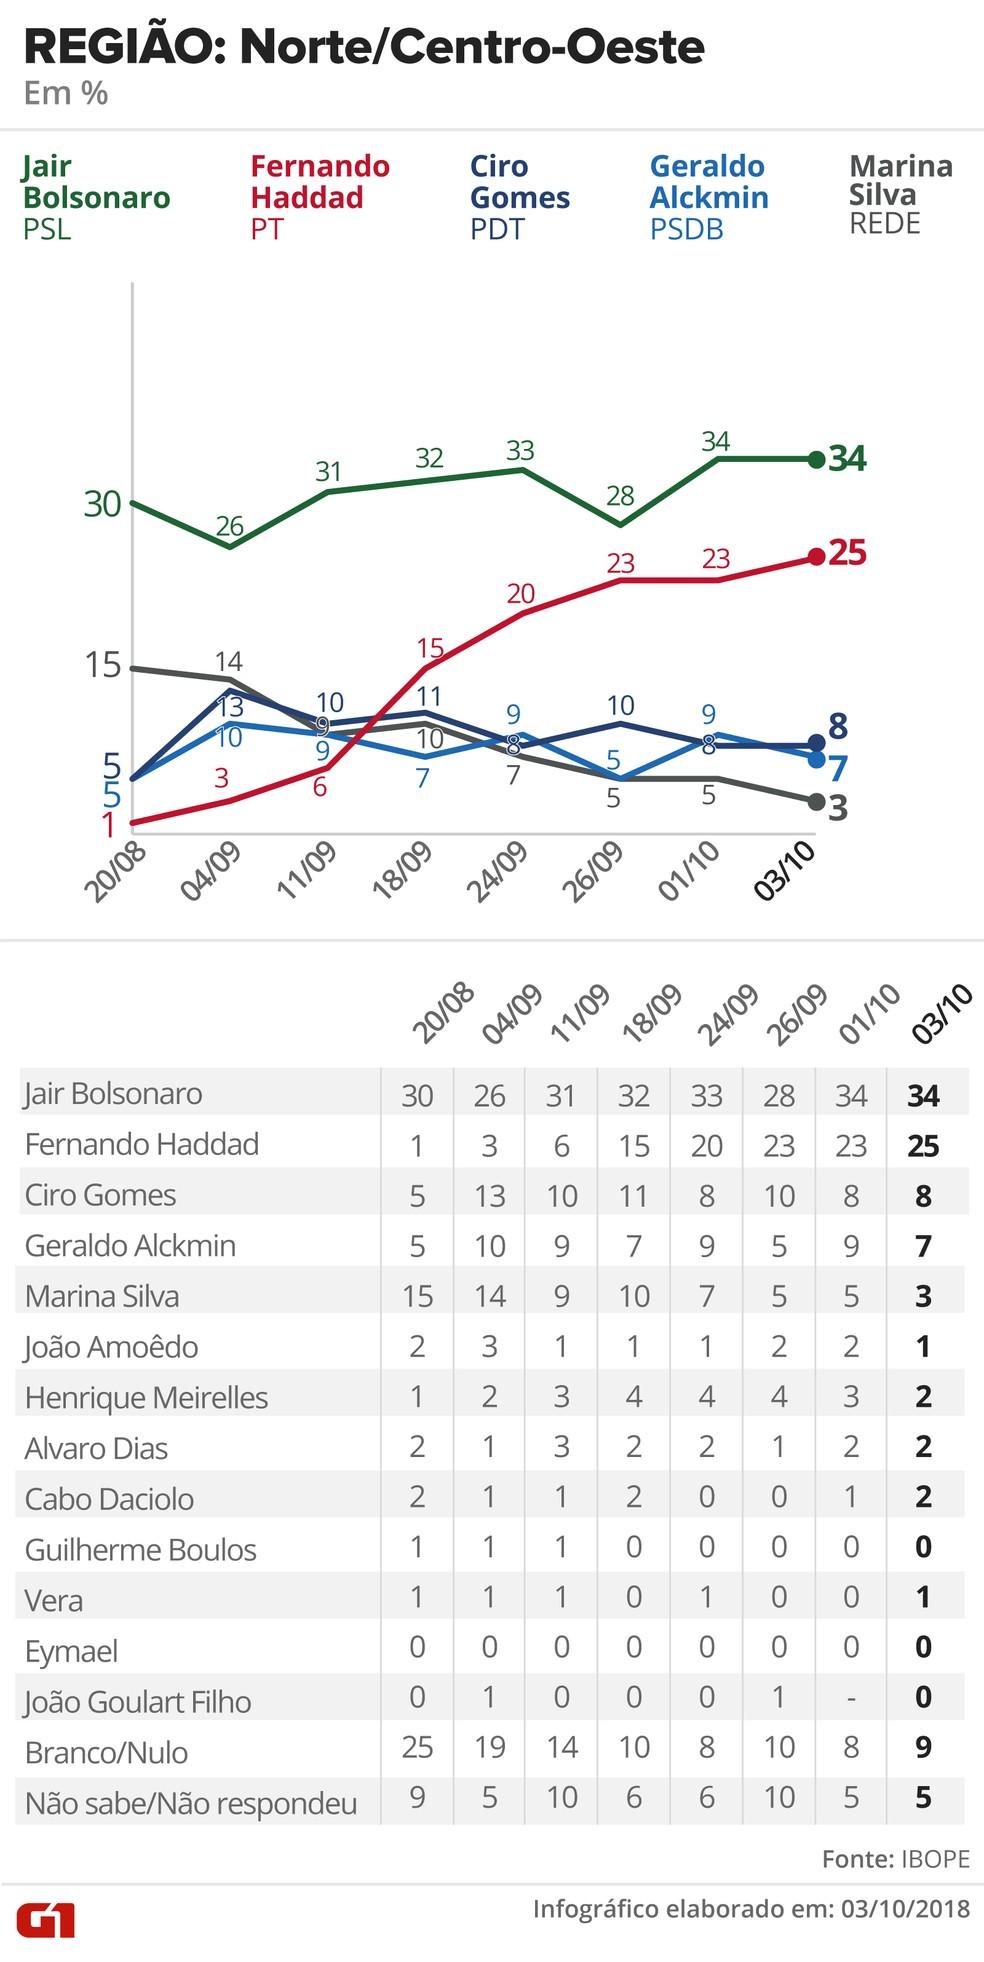 Pesquisa Ibope - 3 de outubro de 2018 - intenção de voto entre eleitores do Norte/Centro-Oeste — Foto: Arte/G1